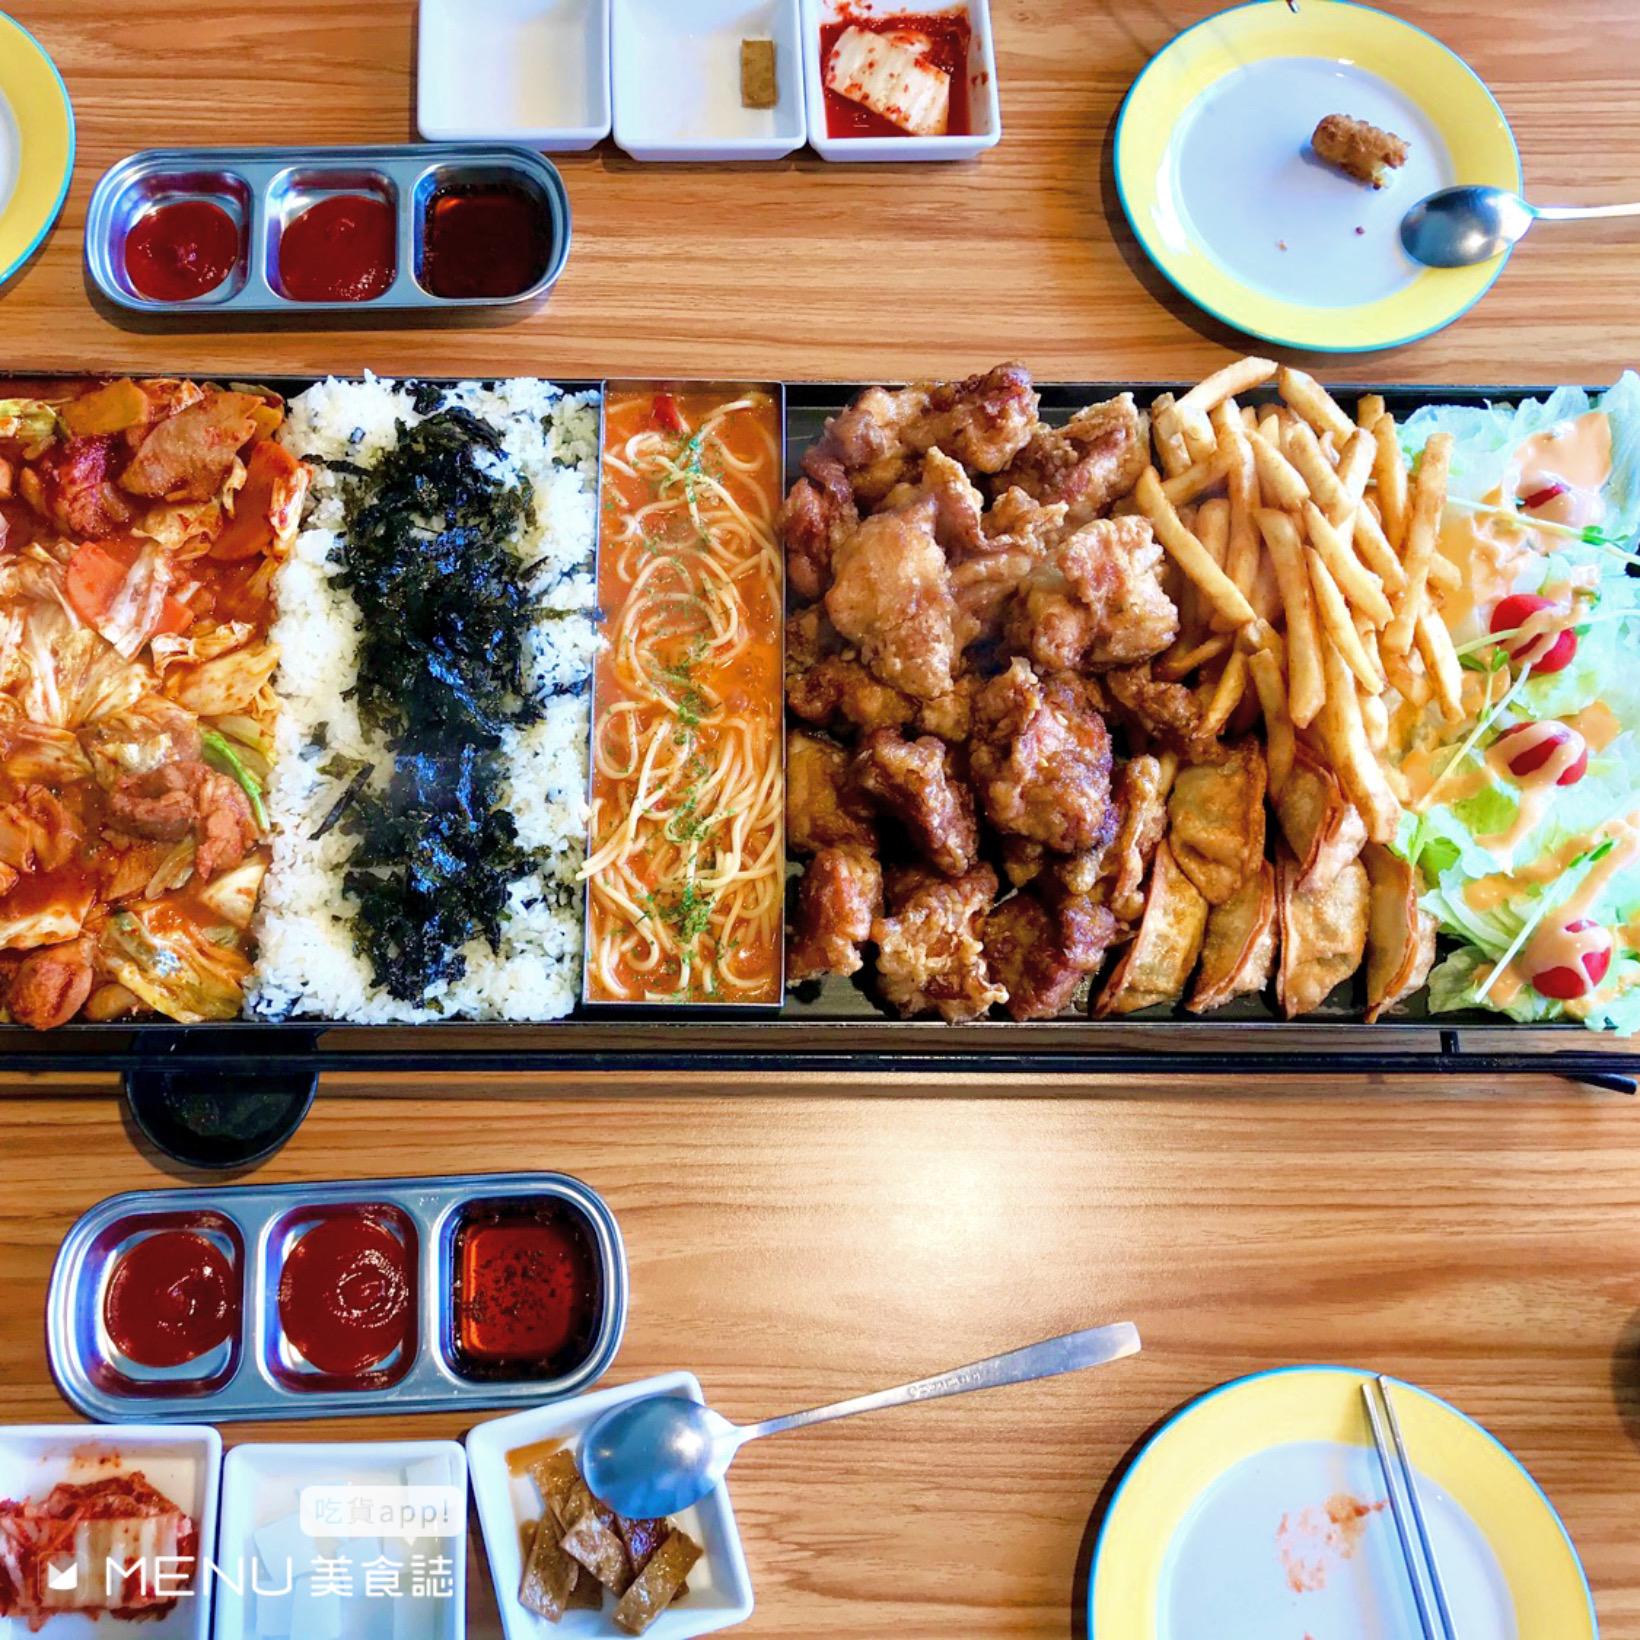 高雄巨蛋周邊美食臥虎藏龍!日式、港式、韓式料理,浮誇炙燒海鮮丼沒訂位吃不到!還有布丁蜜糖吐司下午茶!